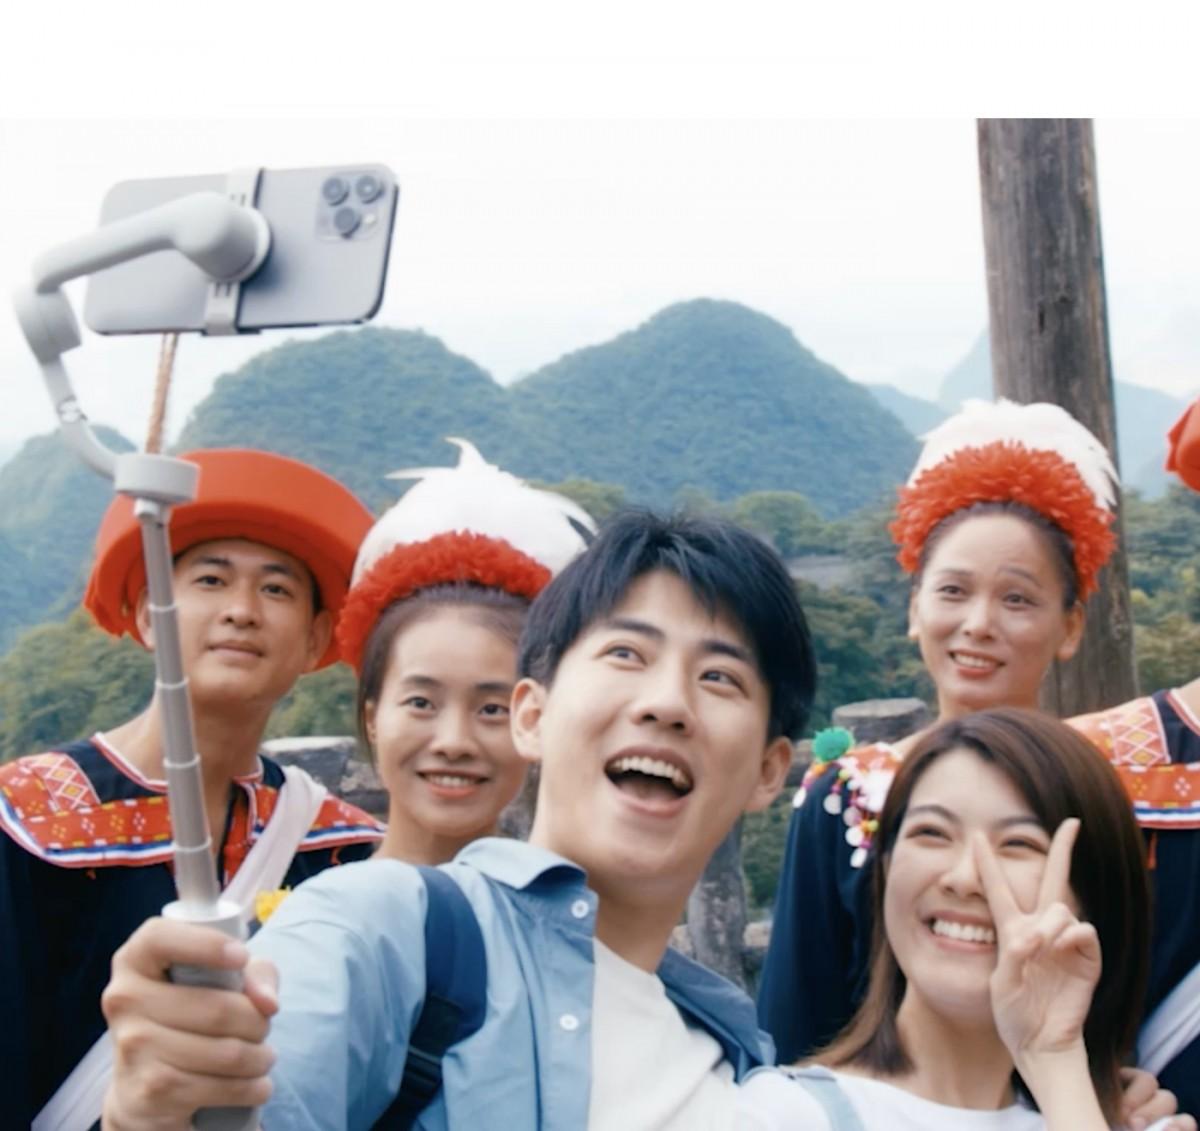 DJI OM5 für Selfies und Gruppenaufnahmen